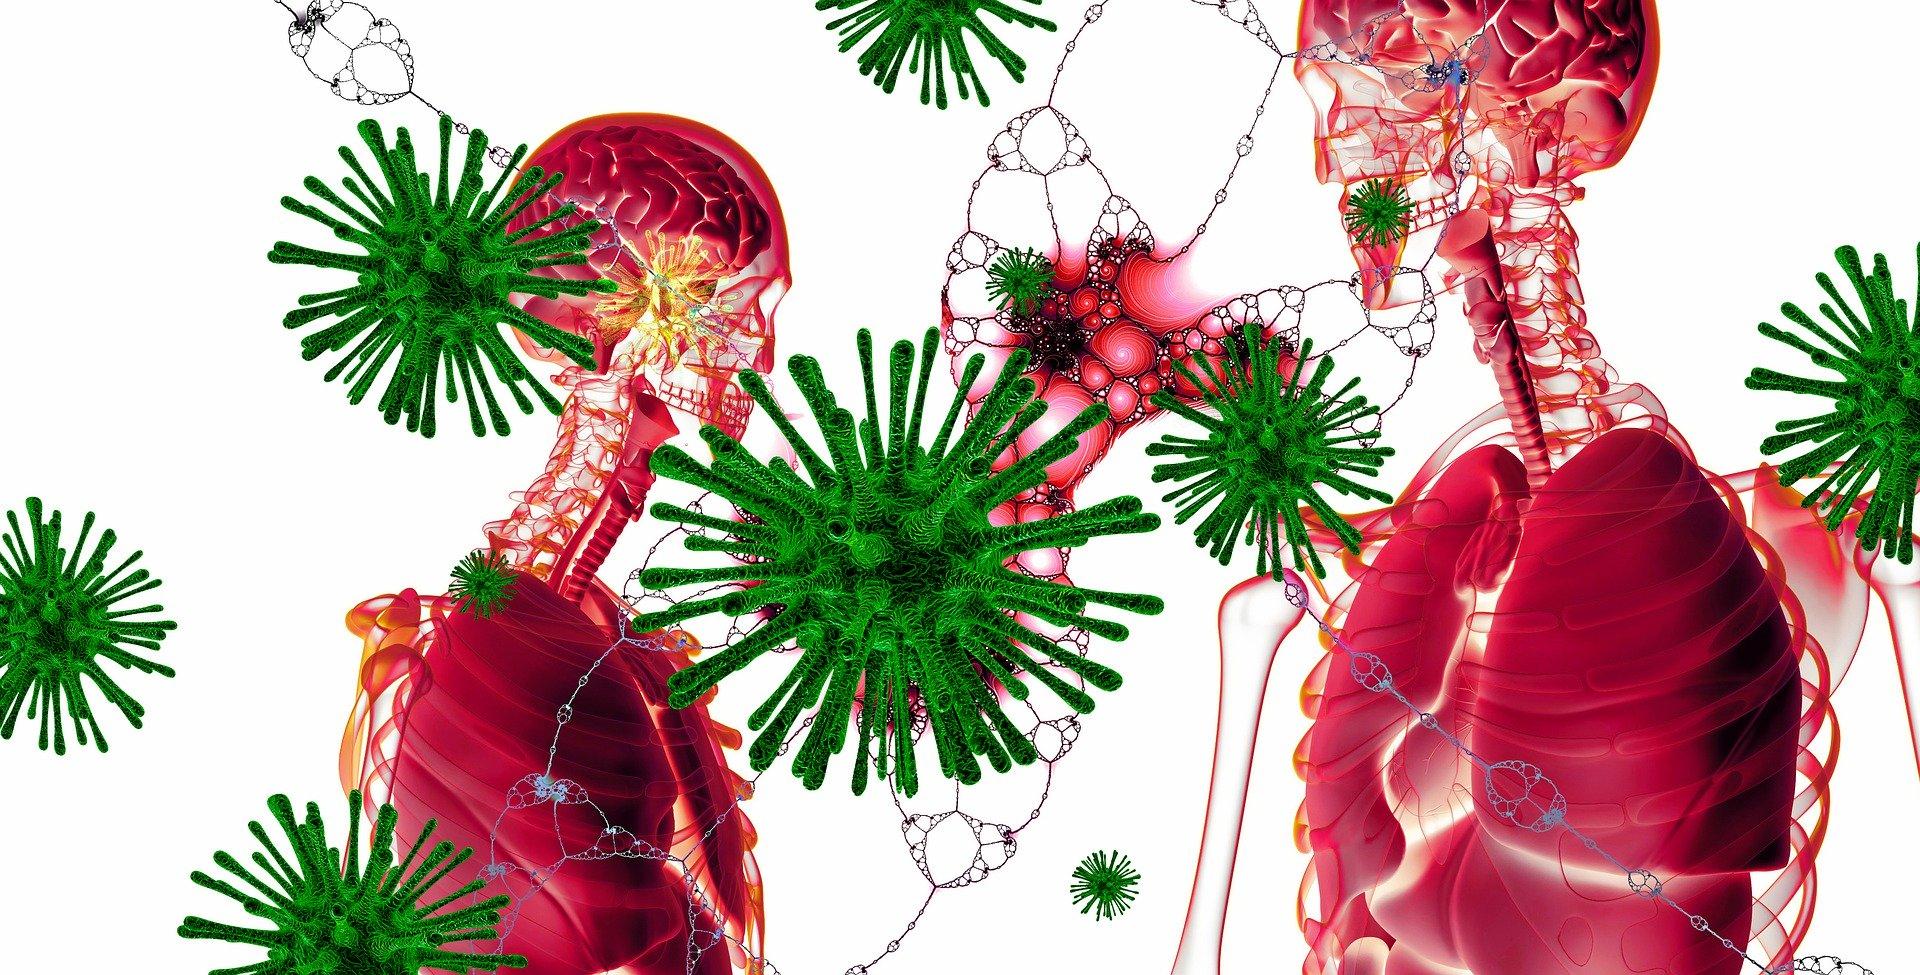 Nación Cannabis | ¿La marihuana ayuda a curar el coronavirus?